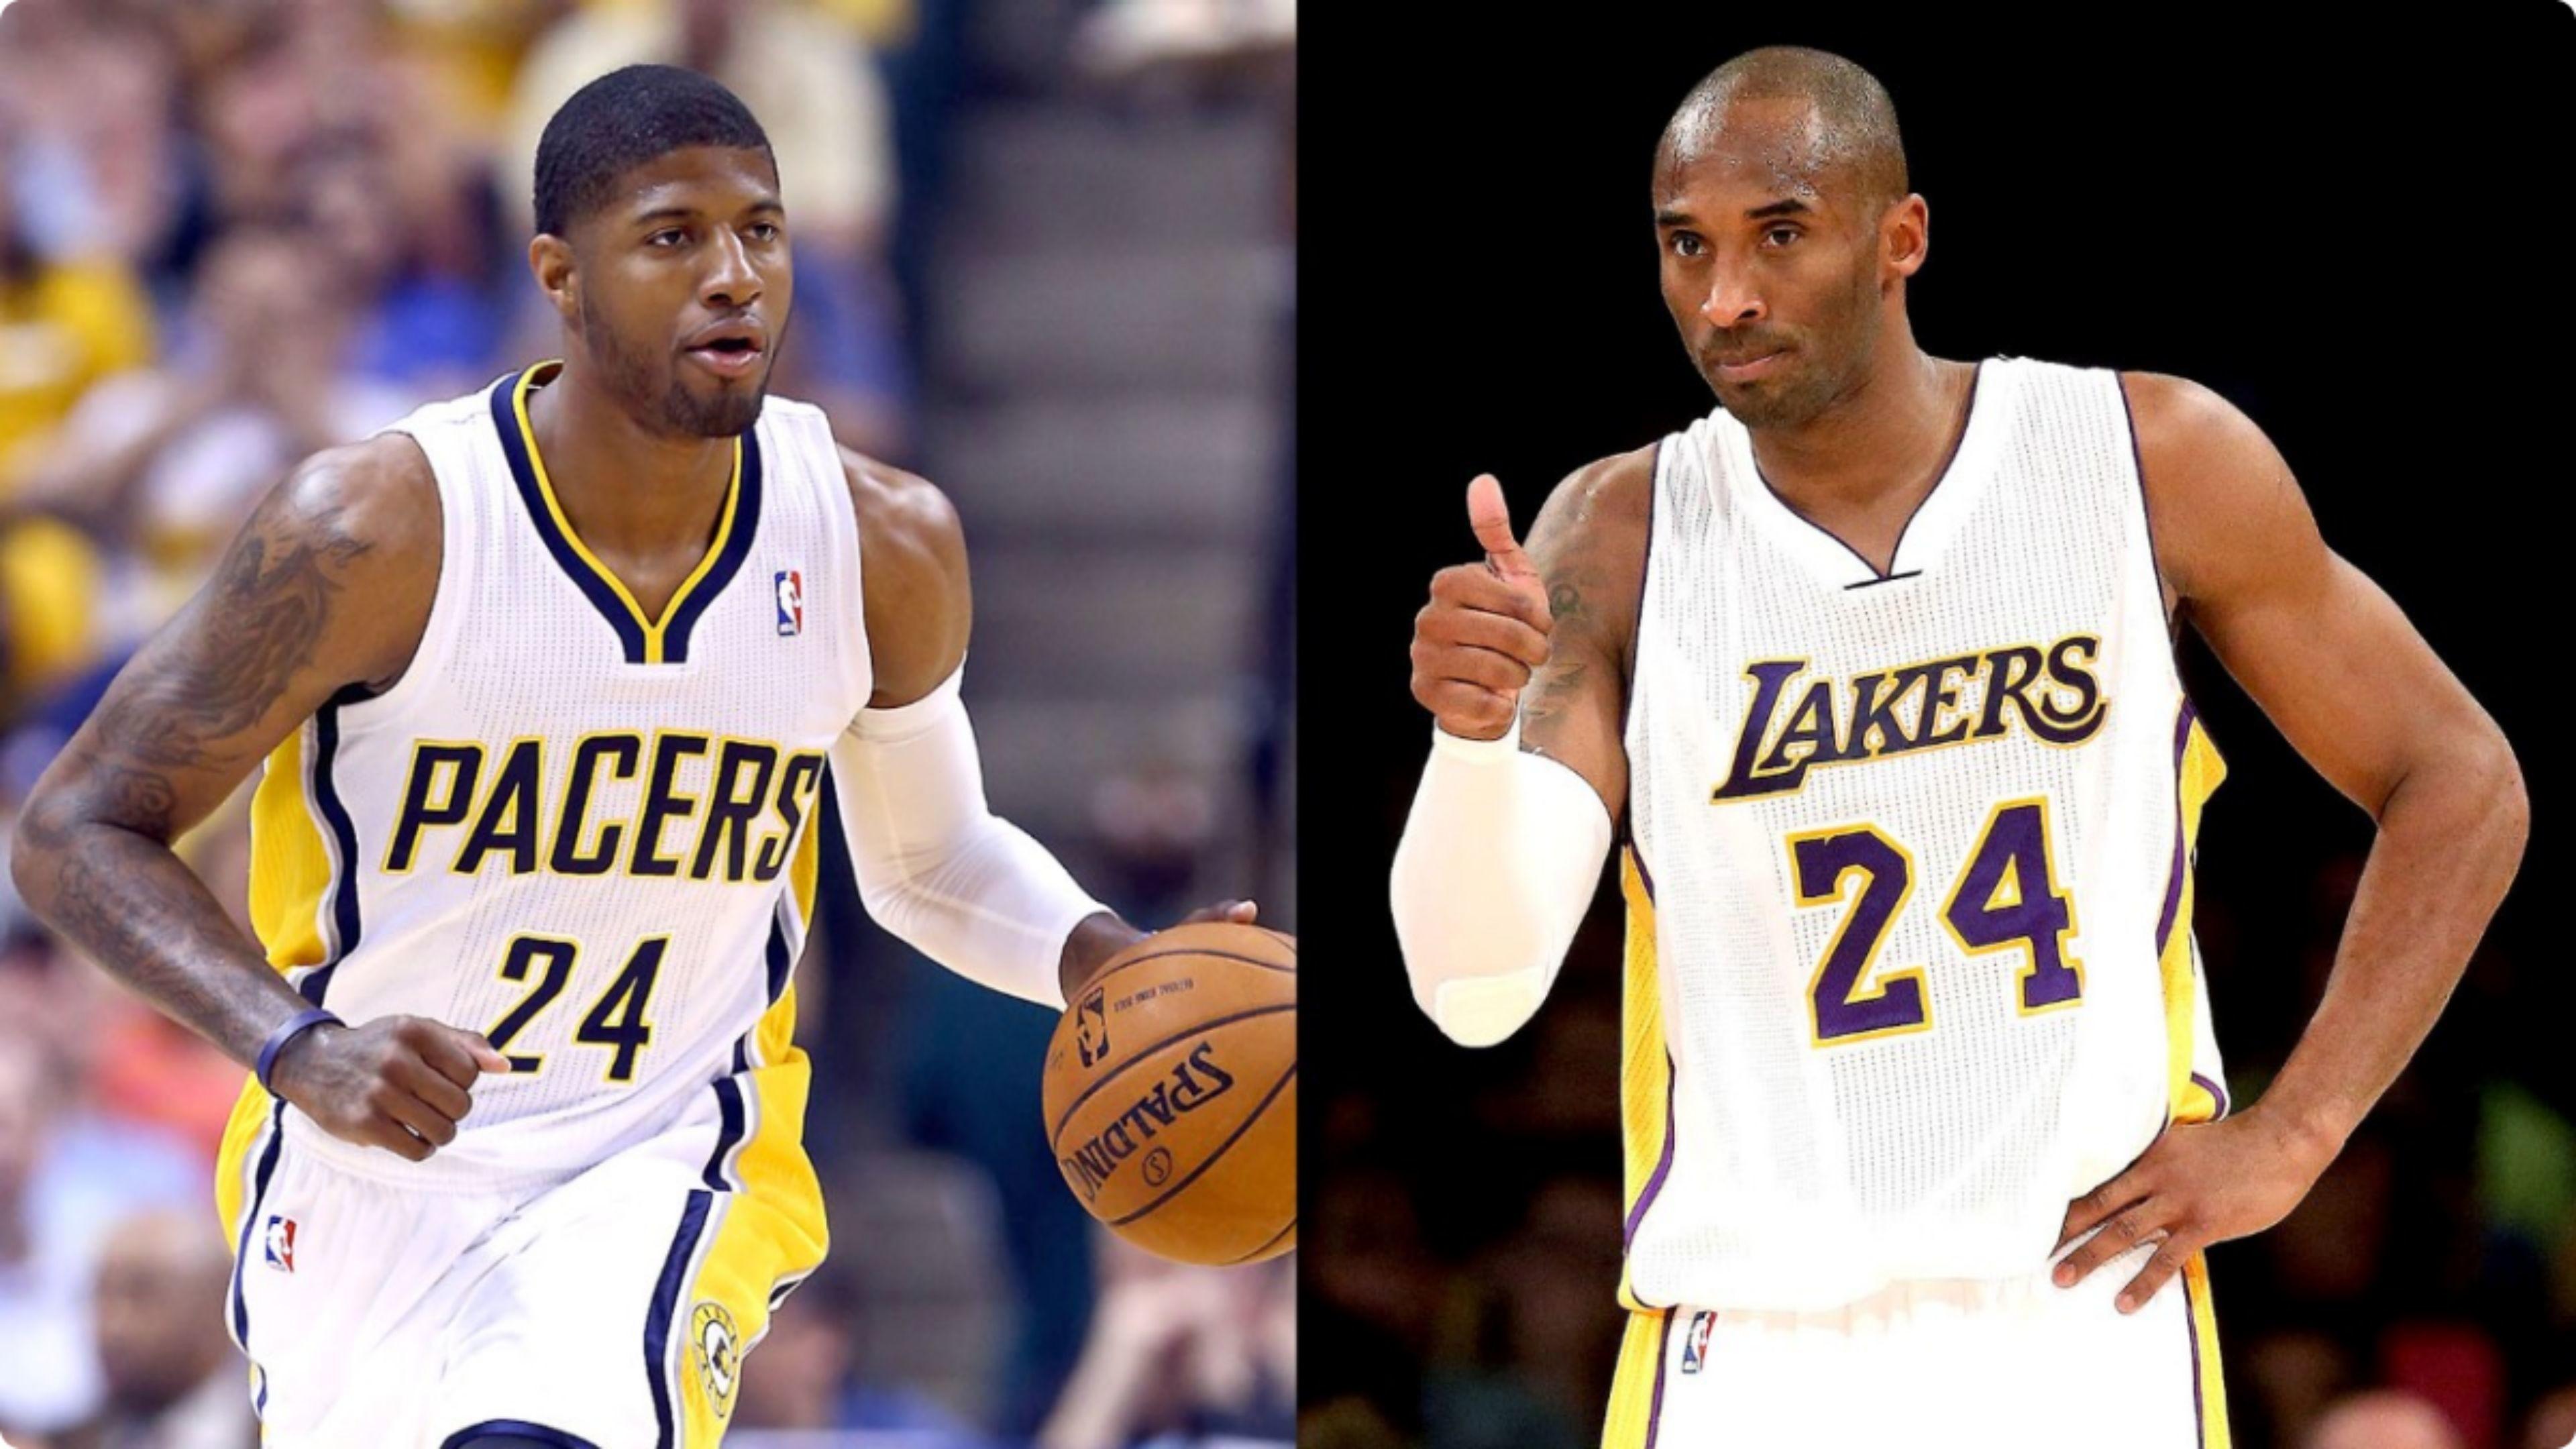 Res: 3840x2160, Paul George vs La Lakers Kobe Bryant 4K Wallpaper